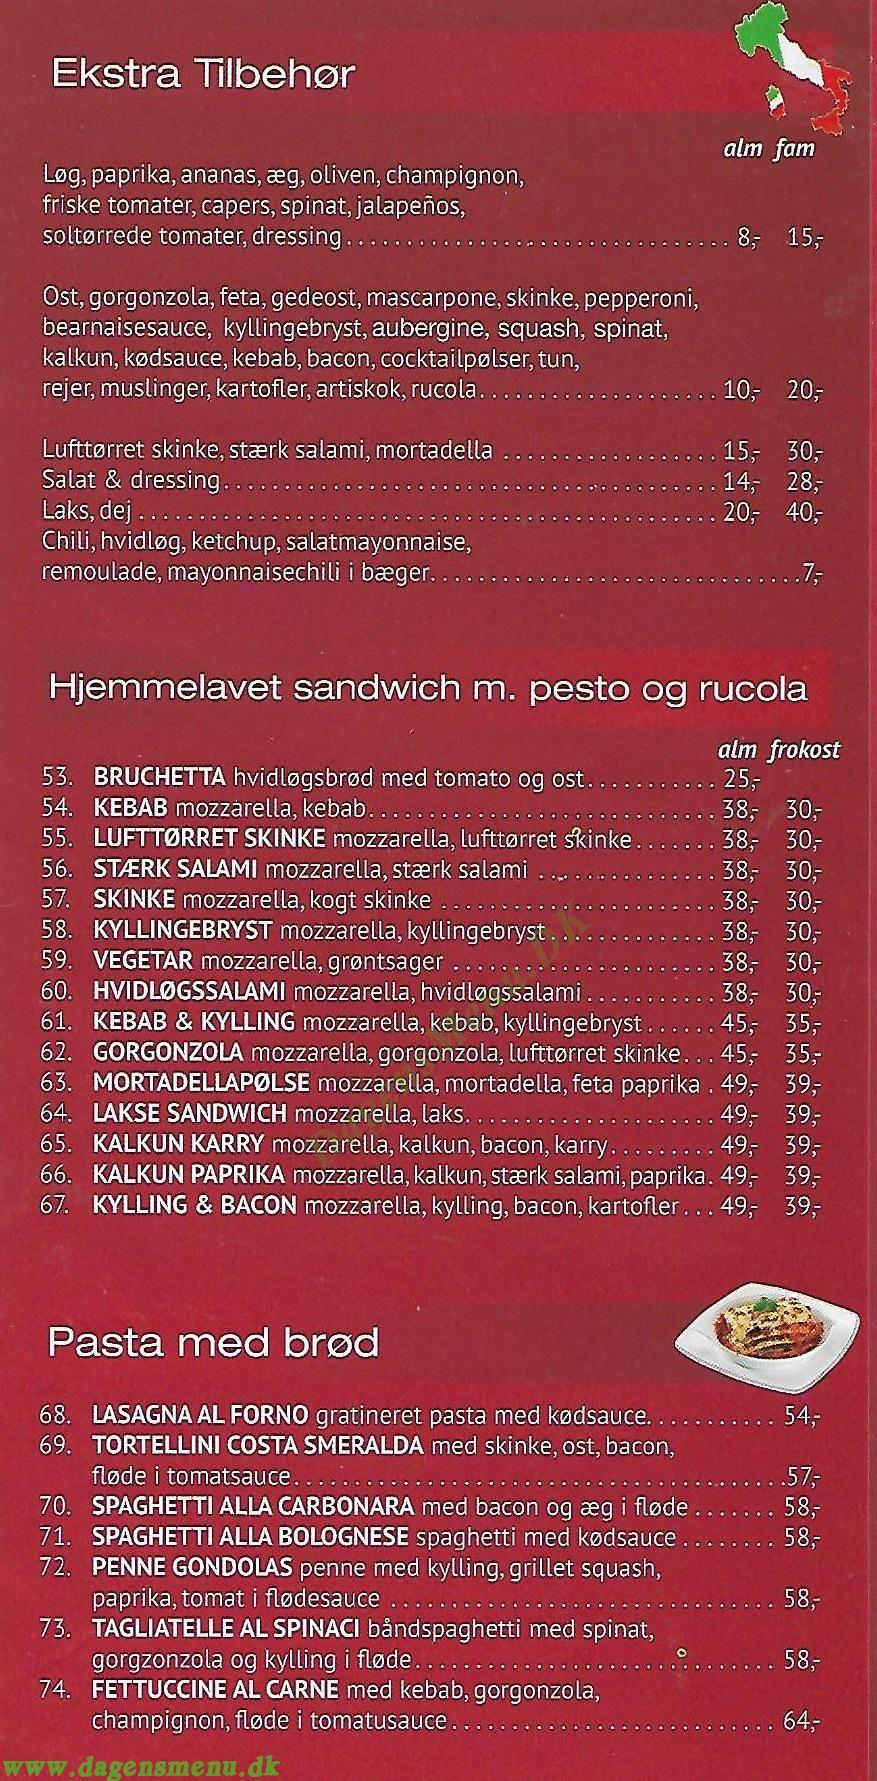 Bentzons Pizzaria - Menukort